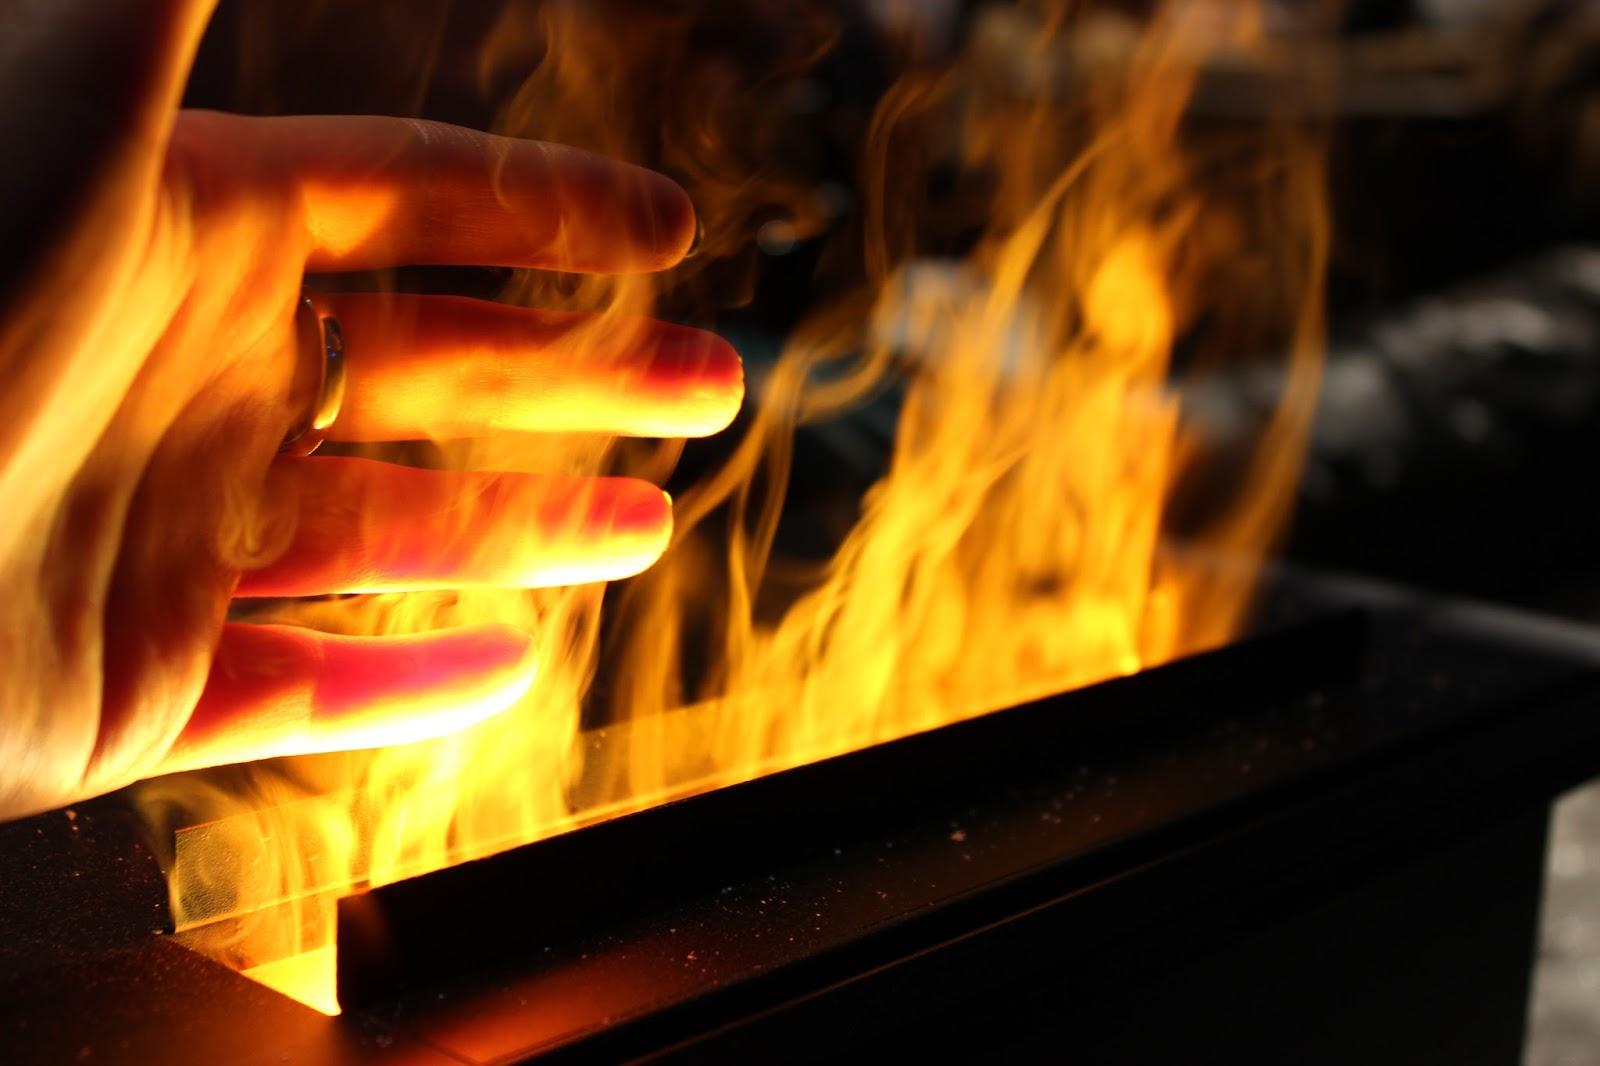 Harry Potter studio tour london fake fire